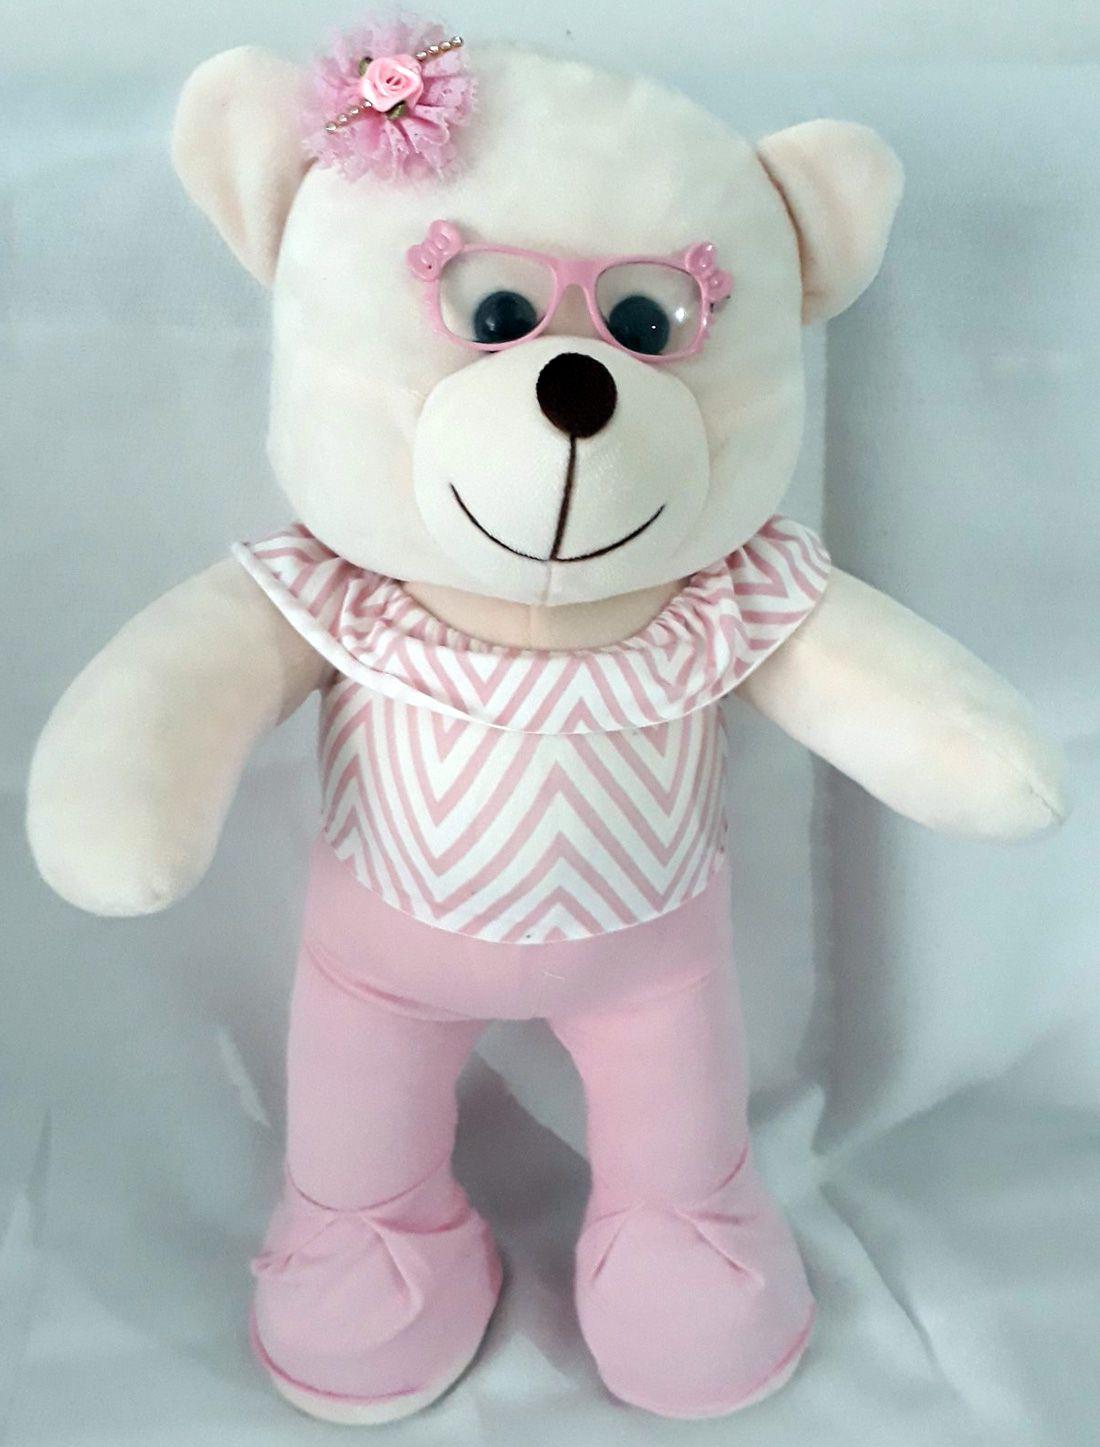 Amiga Ursa de Pelúcia Vestida de Óculos puro Charme Luiza 45cm Ursinho Ursinha Boneca Urso Meigo Inseparável Com Vestidinho e Lacinho! Crie seu Amigo !